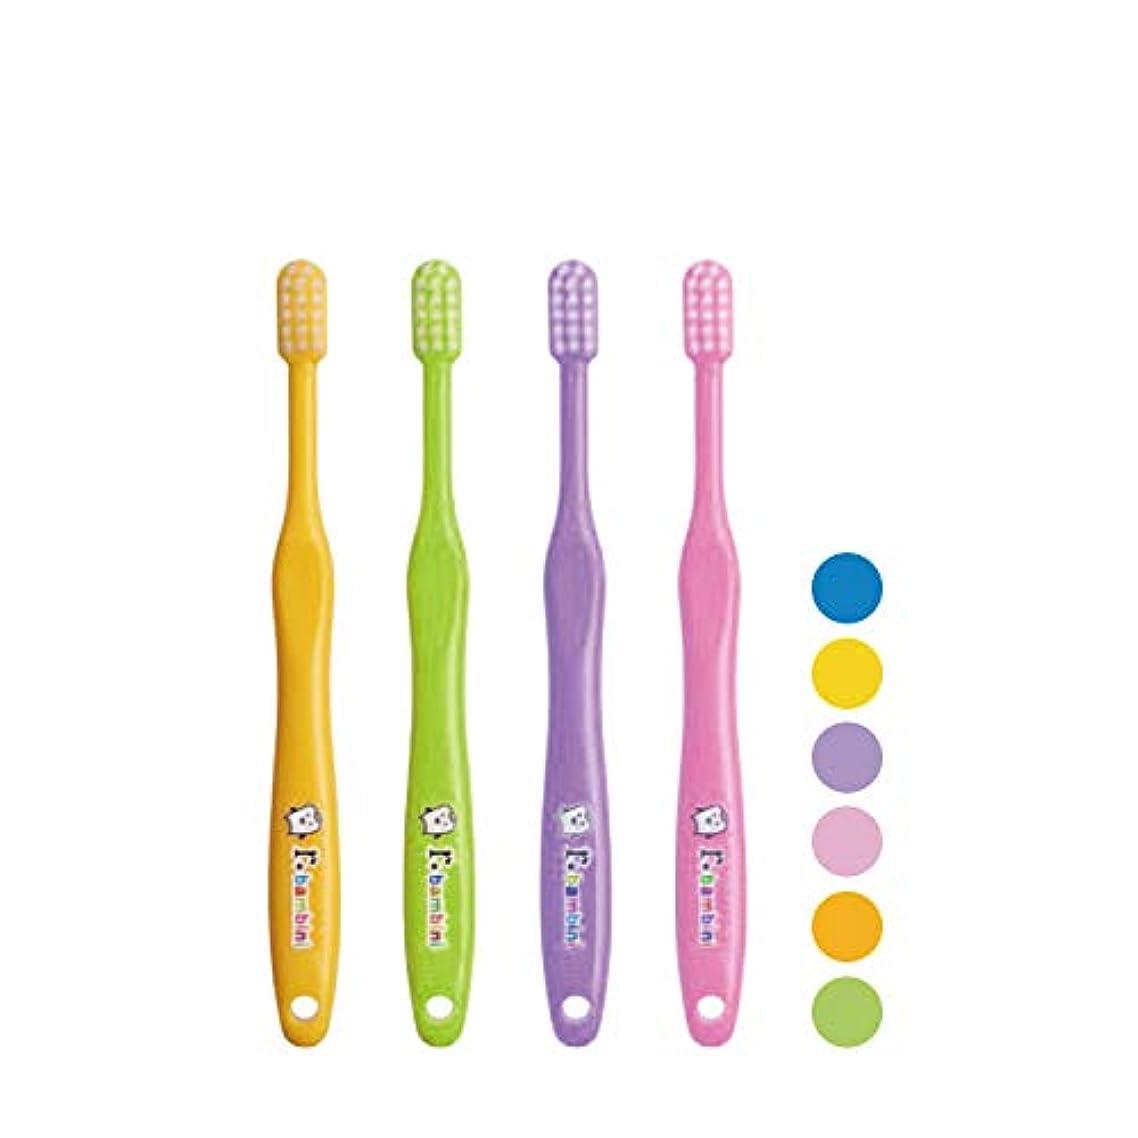 サムフレンド r(アール) シリーズ アール バンビーニ 子ども用 歯ブラシ?12本セット S (やわらかめ)